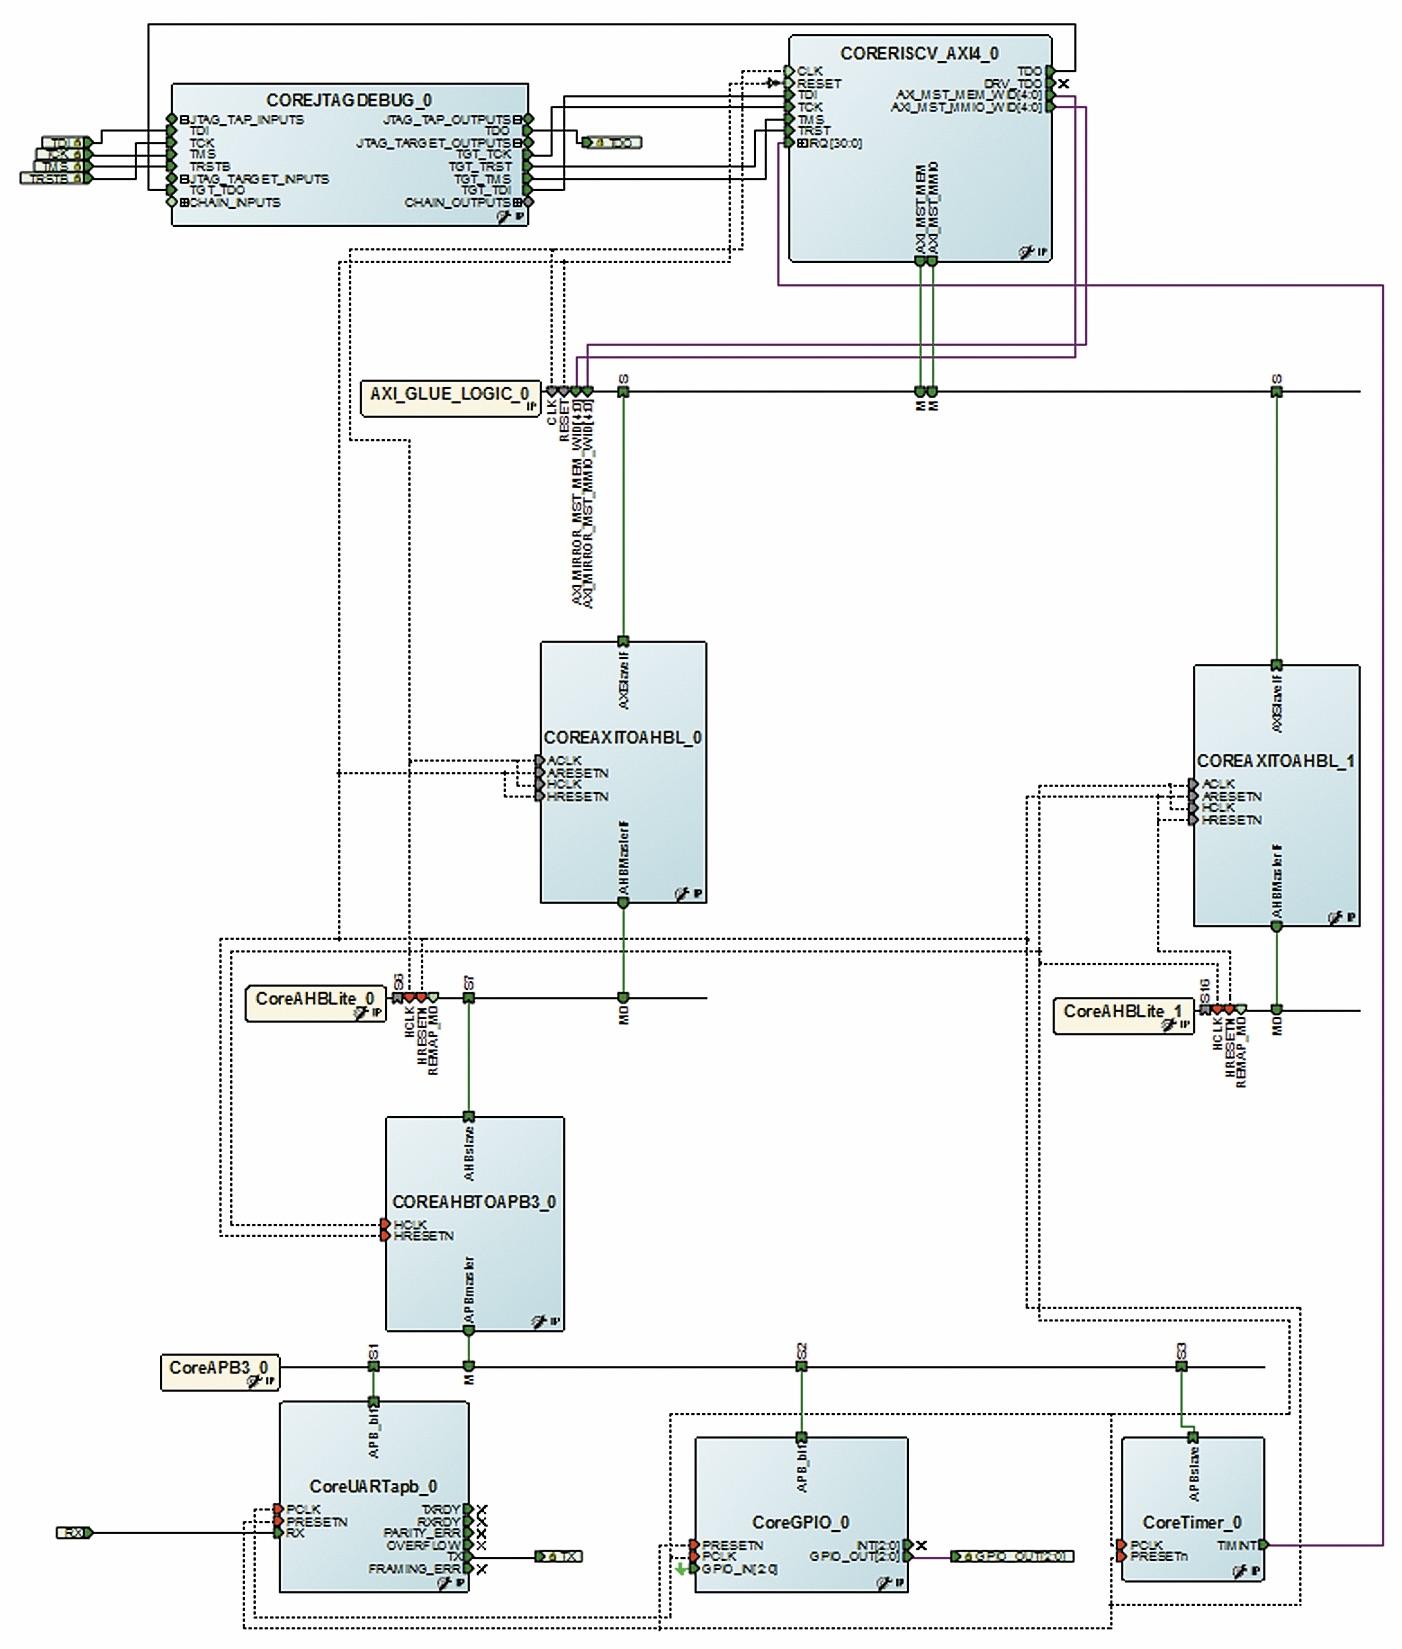 Верхний уровень проекта Libero SoC с использованием процессорного ядра coreRISCV_AXI4